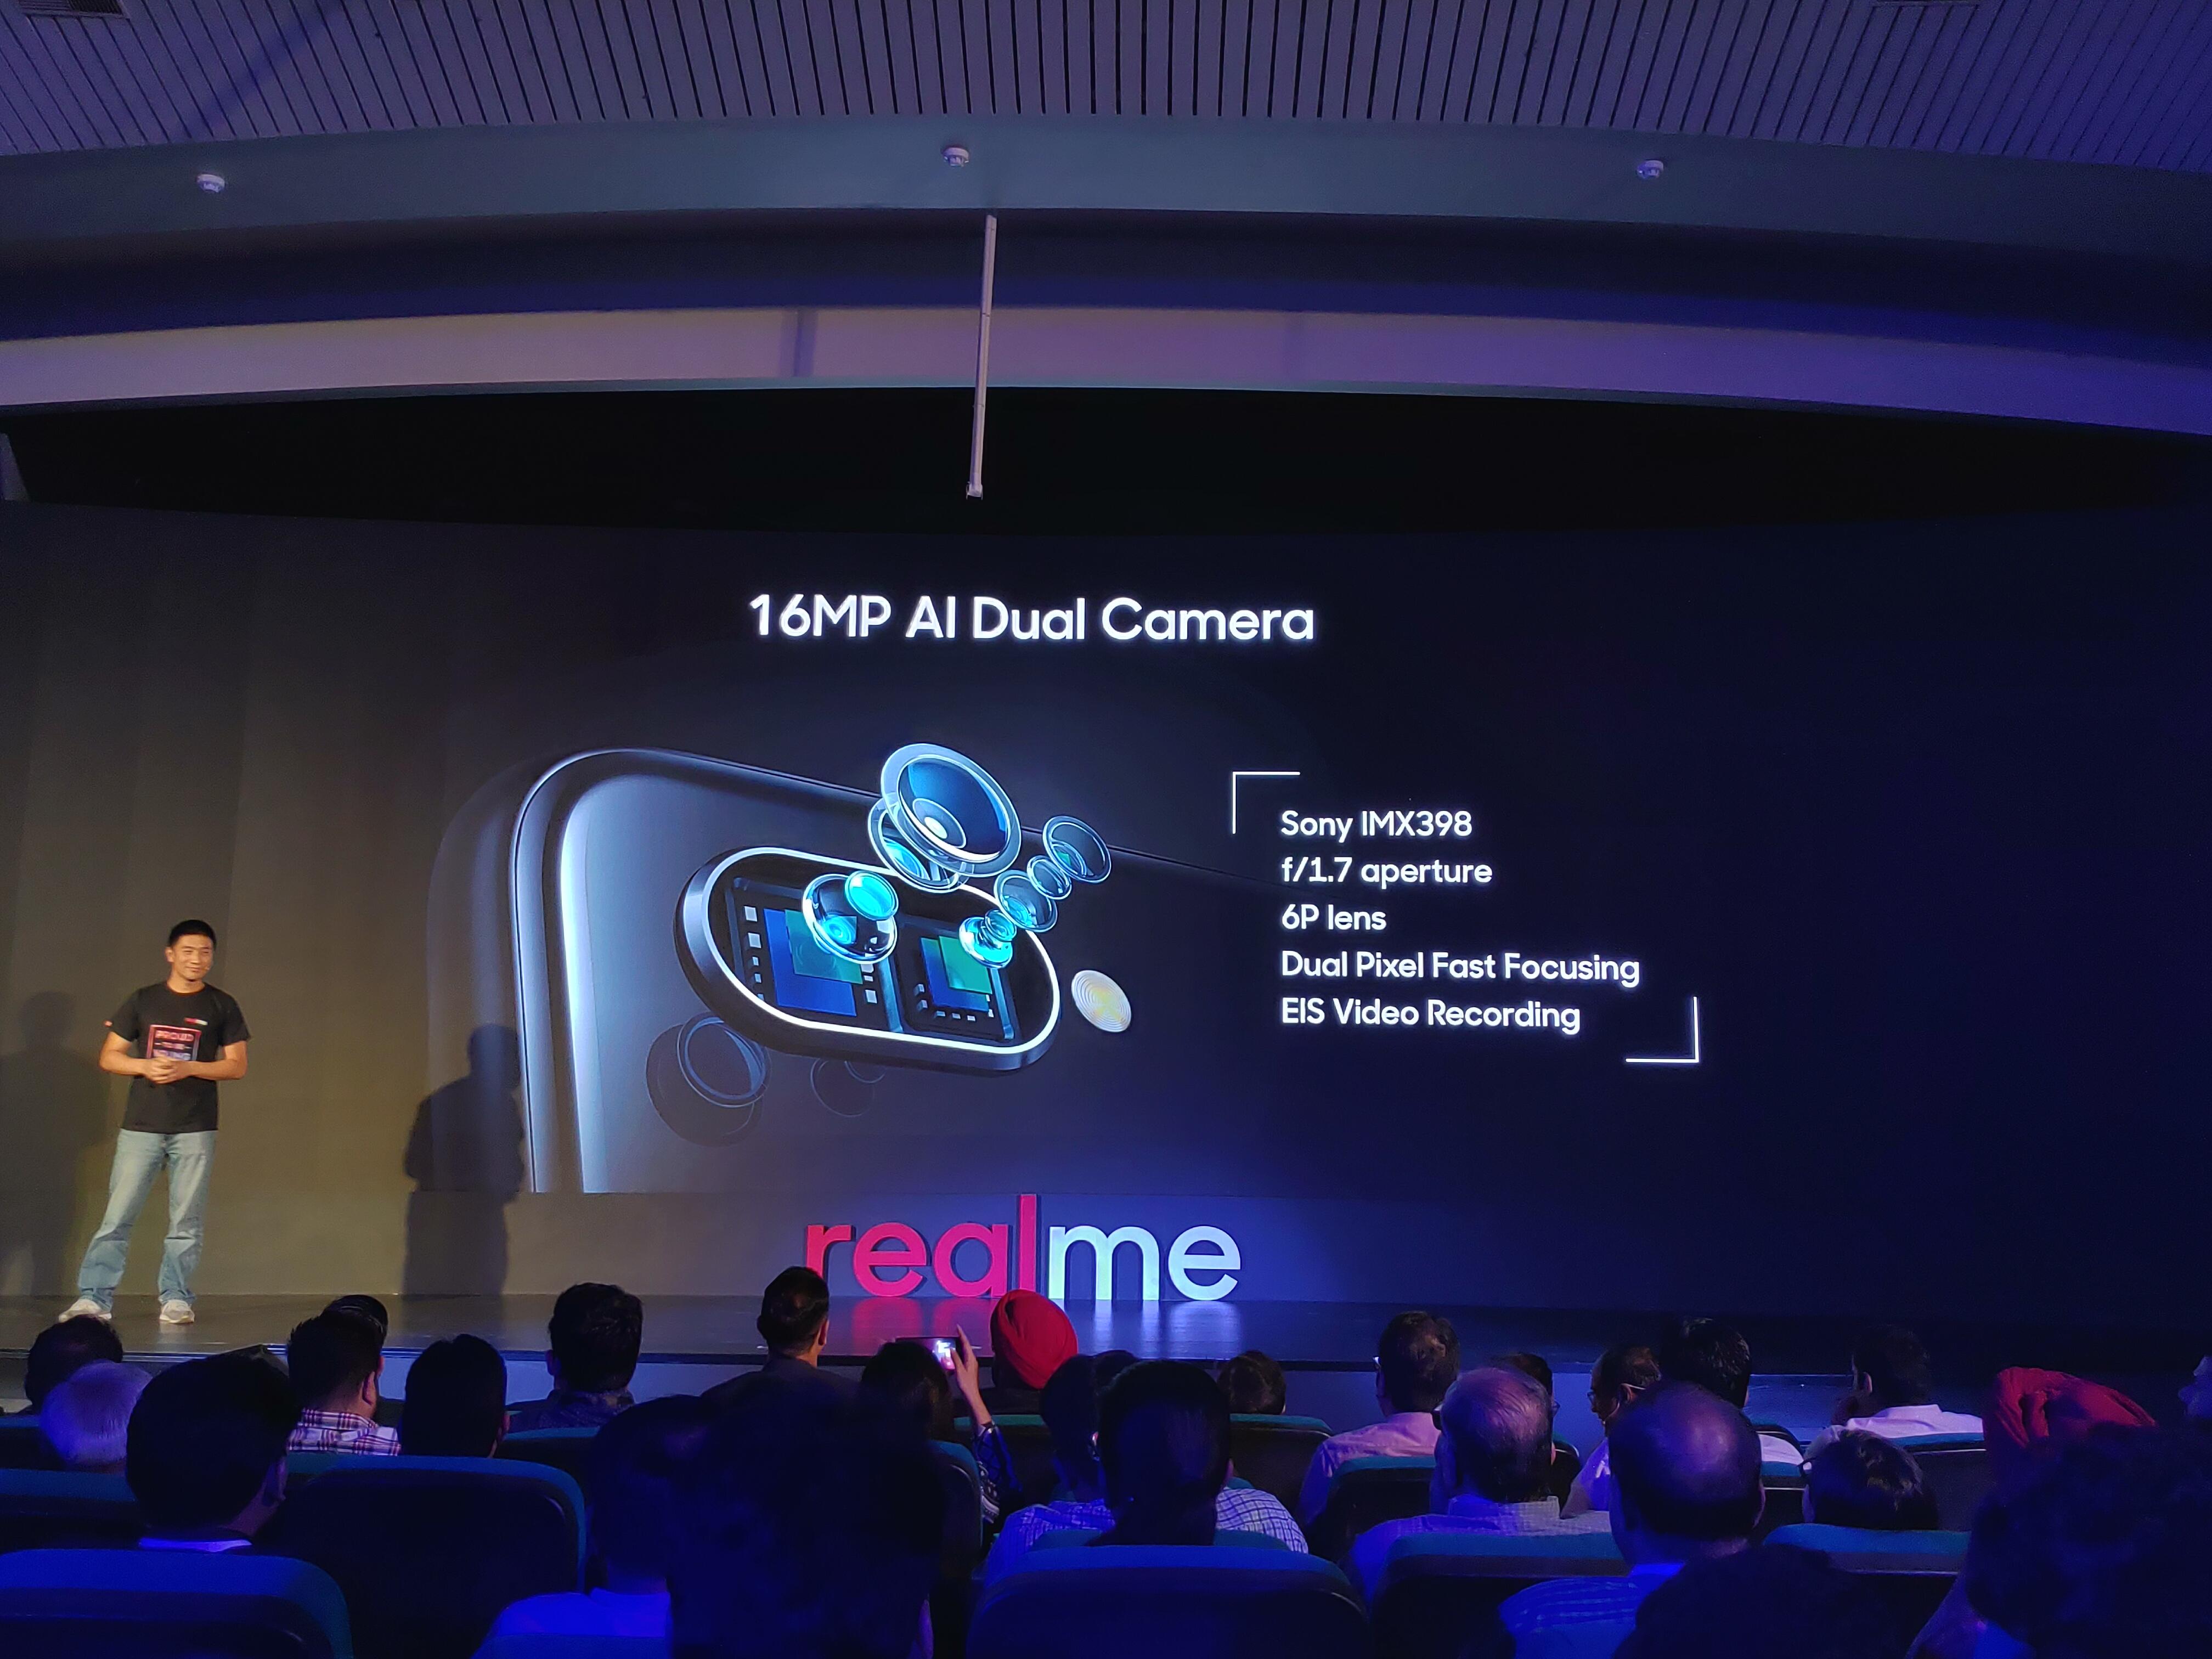 Realme 2 Pro Smartphone